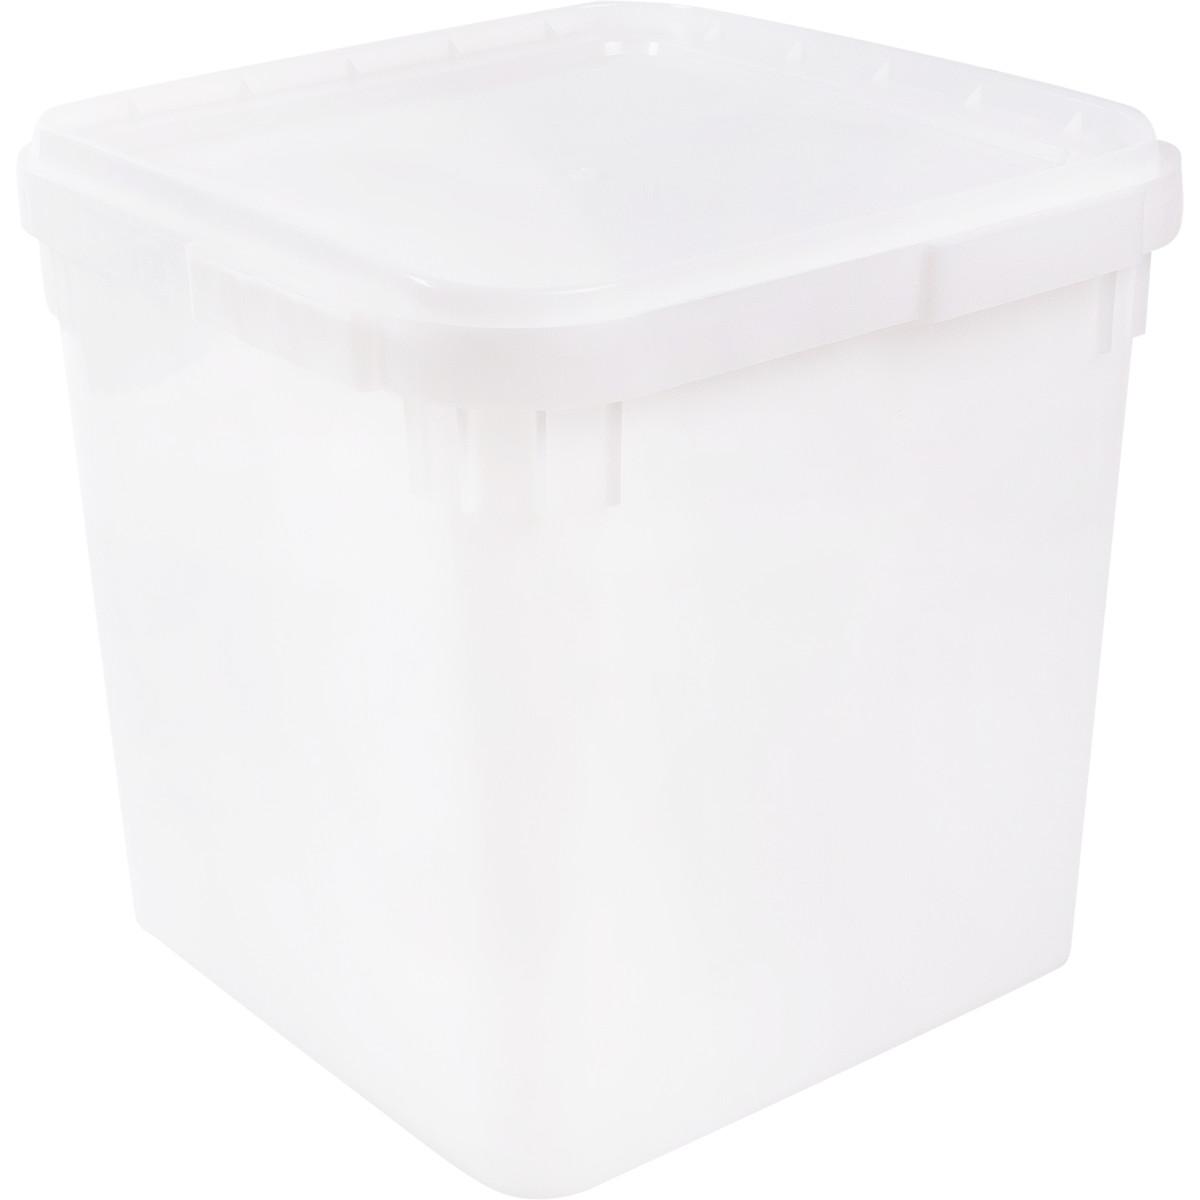 Контейнер пластиковый 23 л